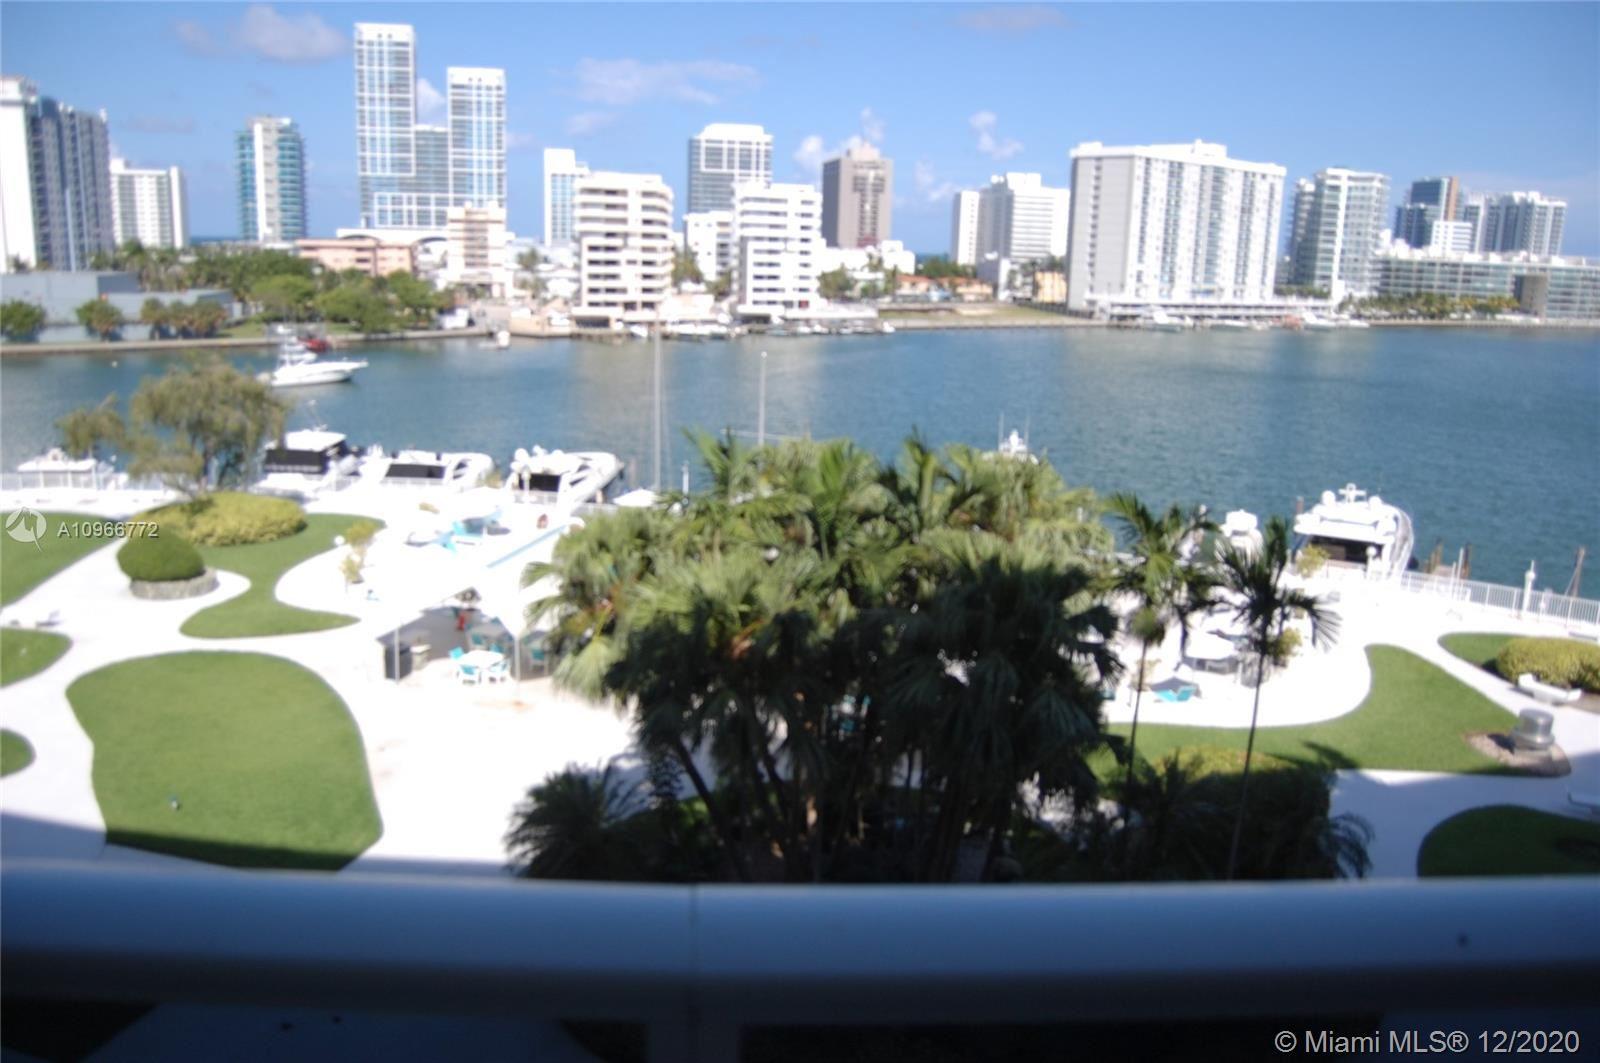 900 Bay Dr #516, Miami Beach, FL 33141 - #: A10966772